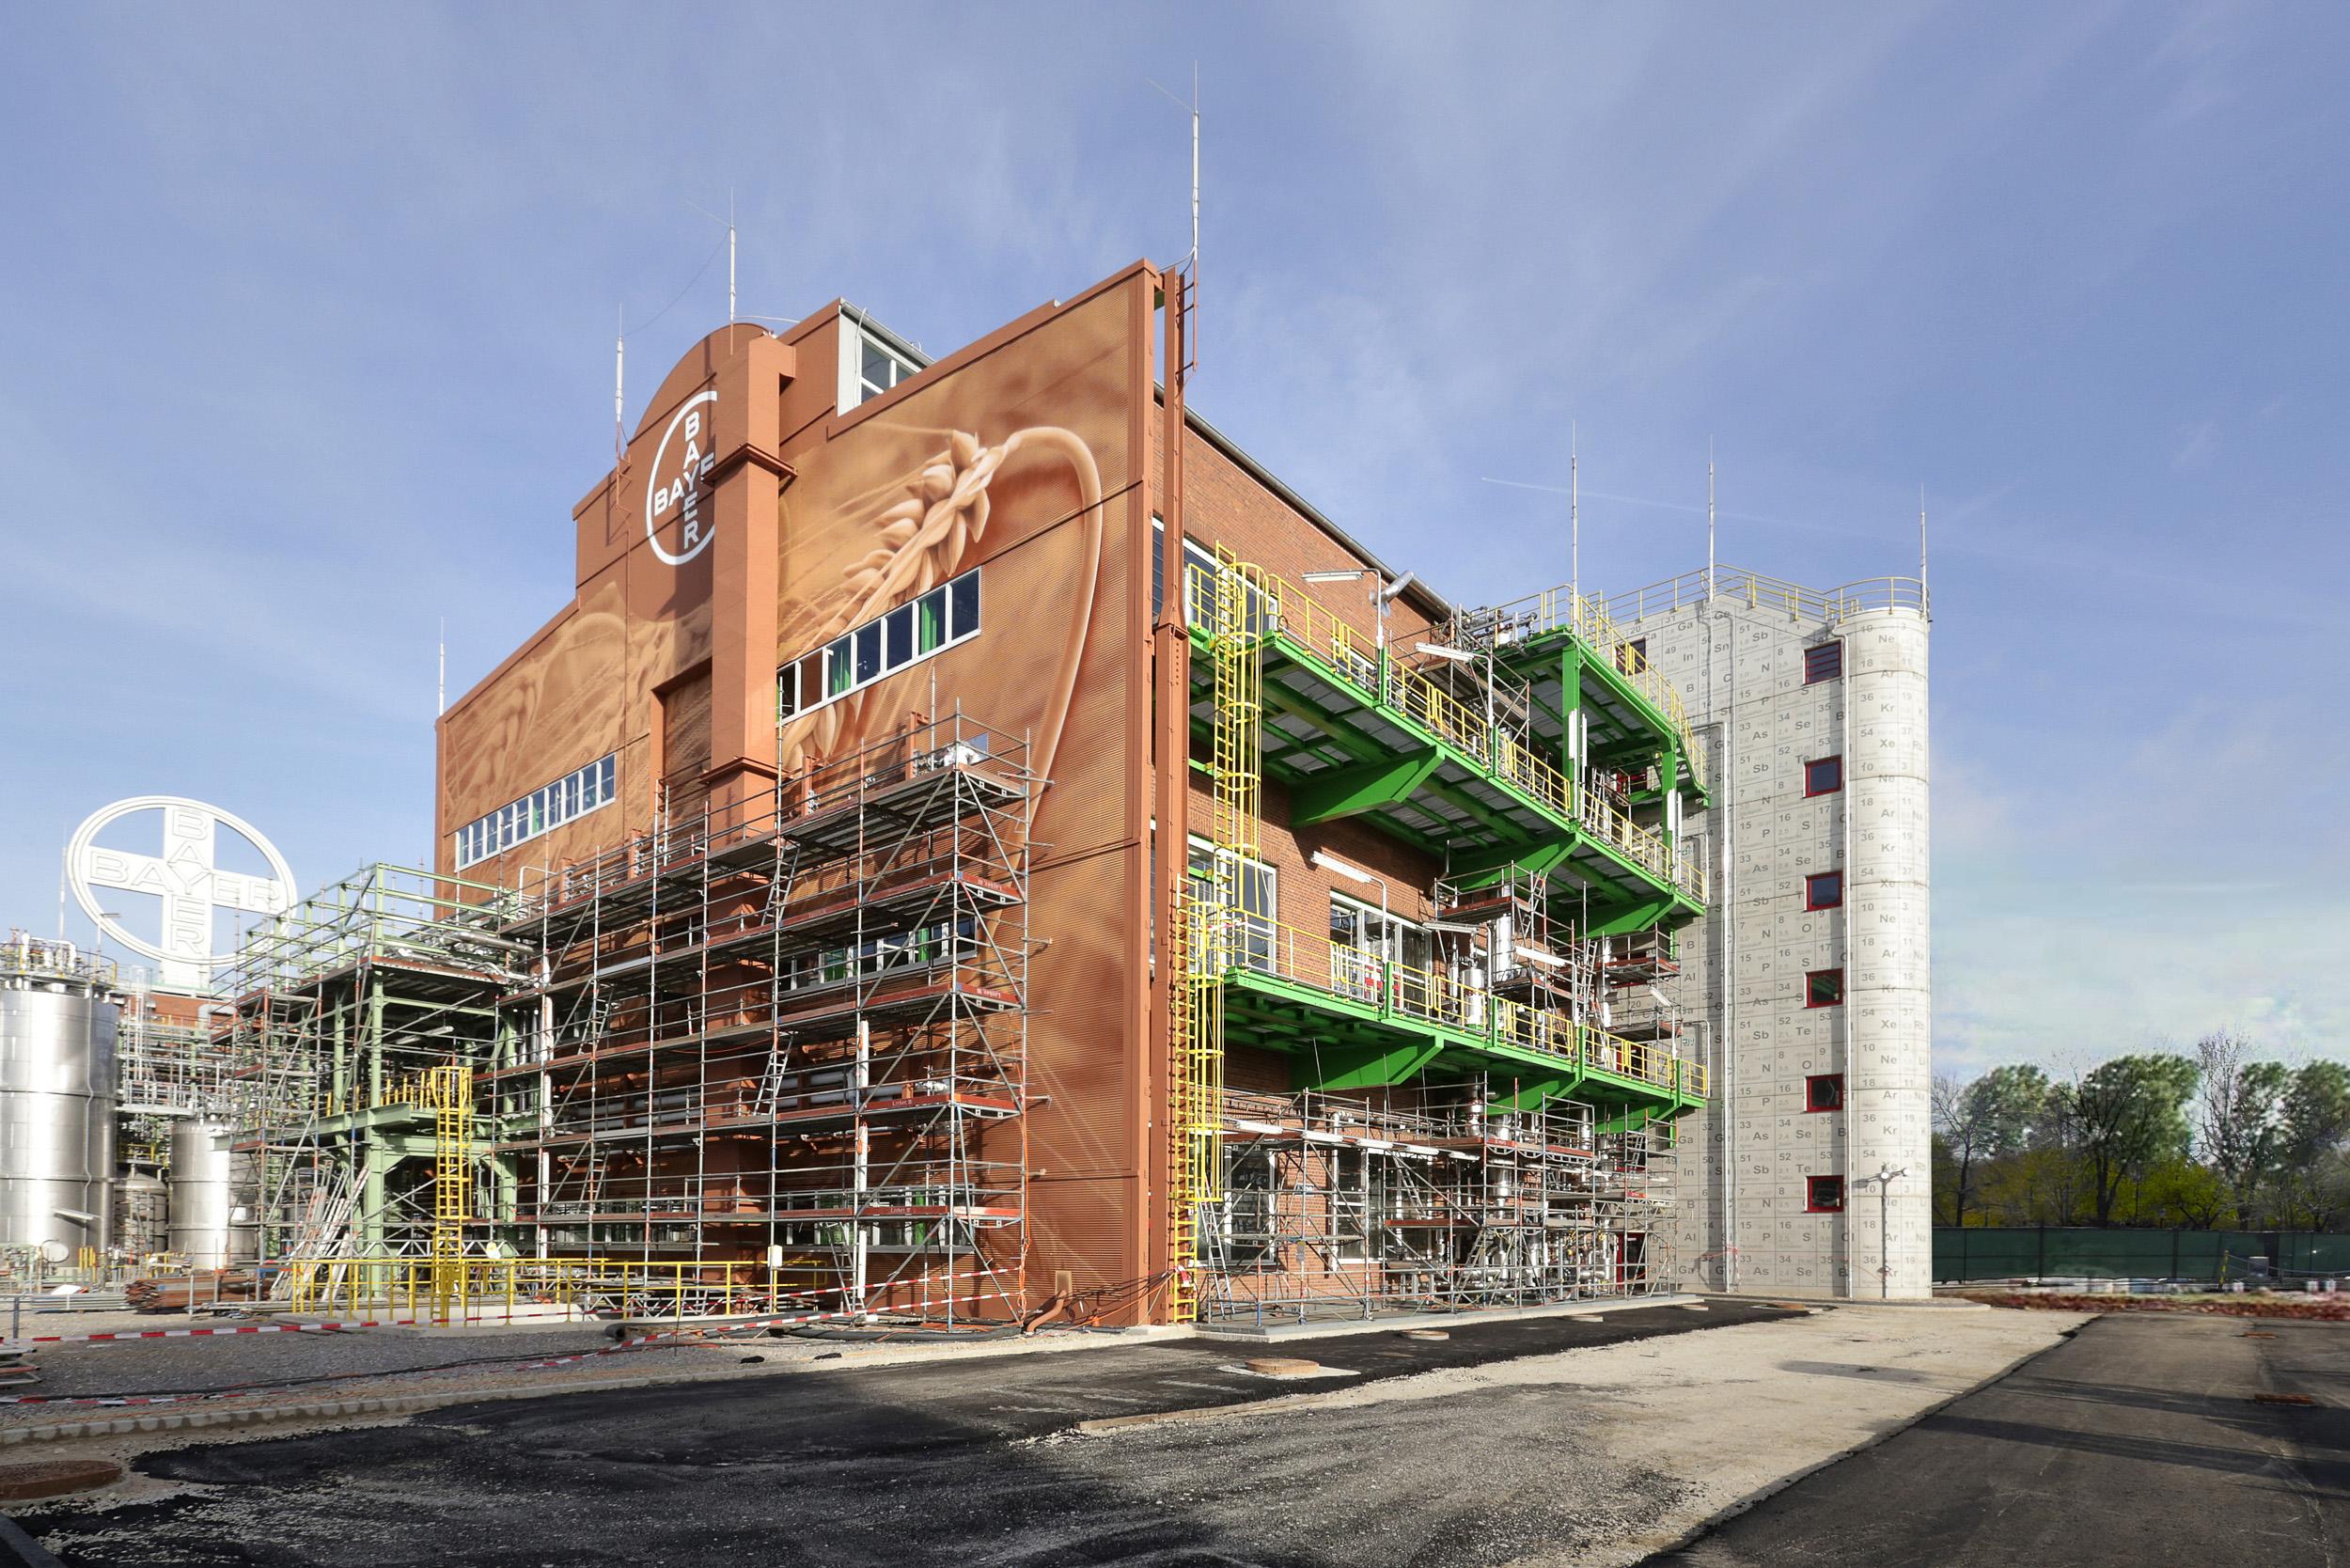 Fassadengestaltung-Industrie-Bayer-Dormagen-fabrik-sicherheit-design.jpg